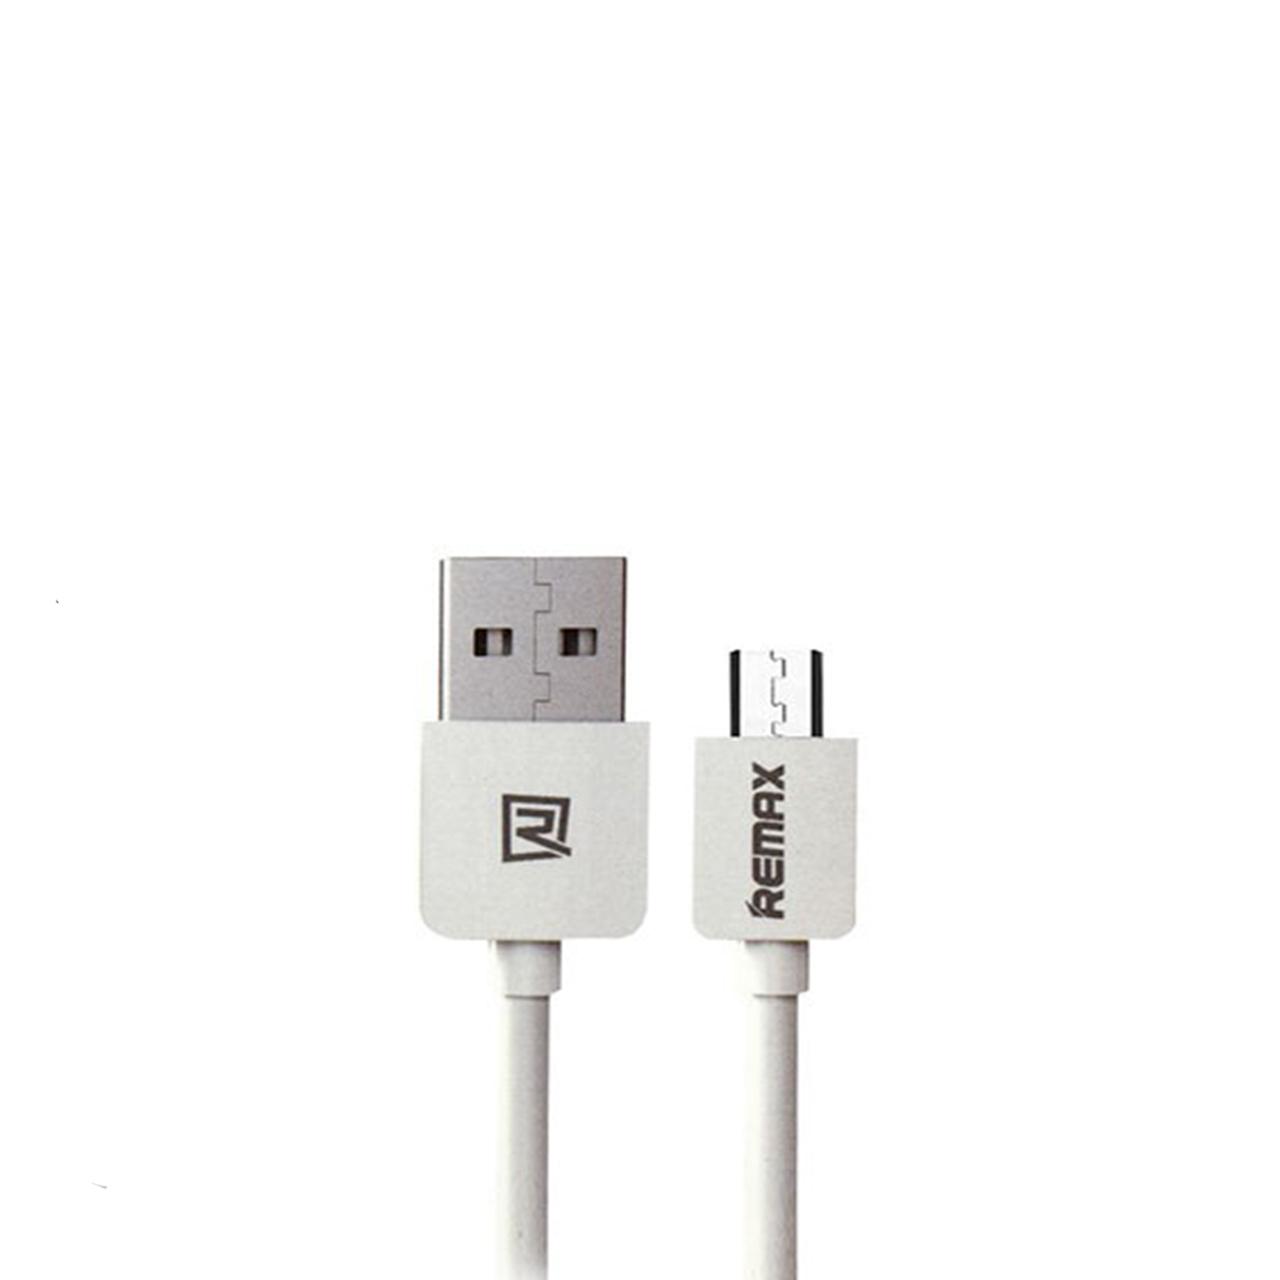 کابل تبدیل USB به microUSB ریمکس مدل SAFE CHARGE طول 1 متر